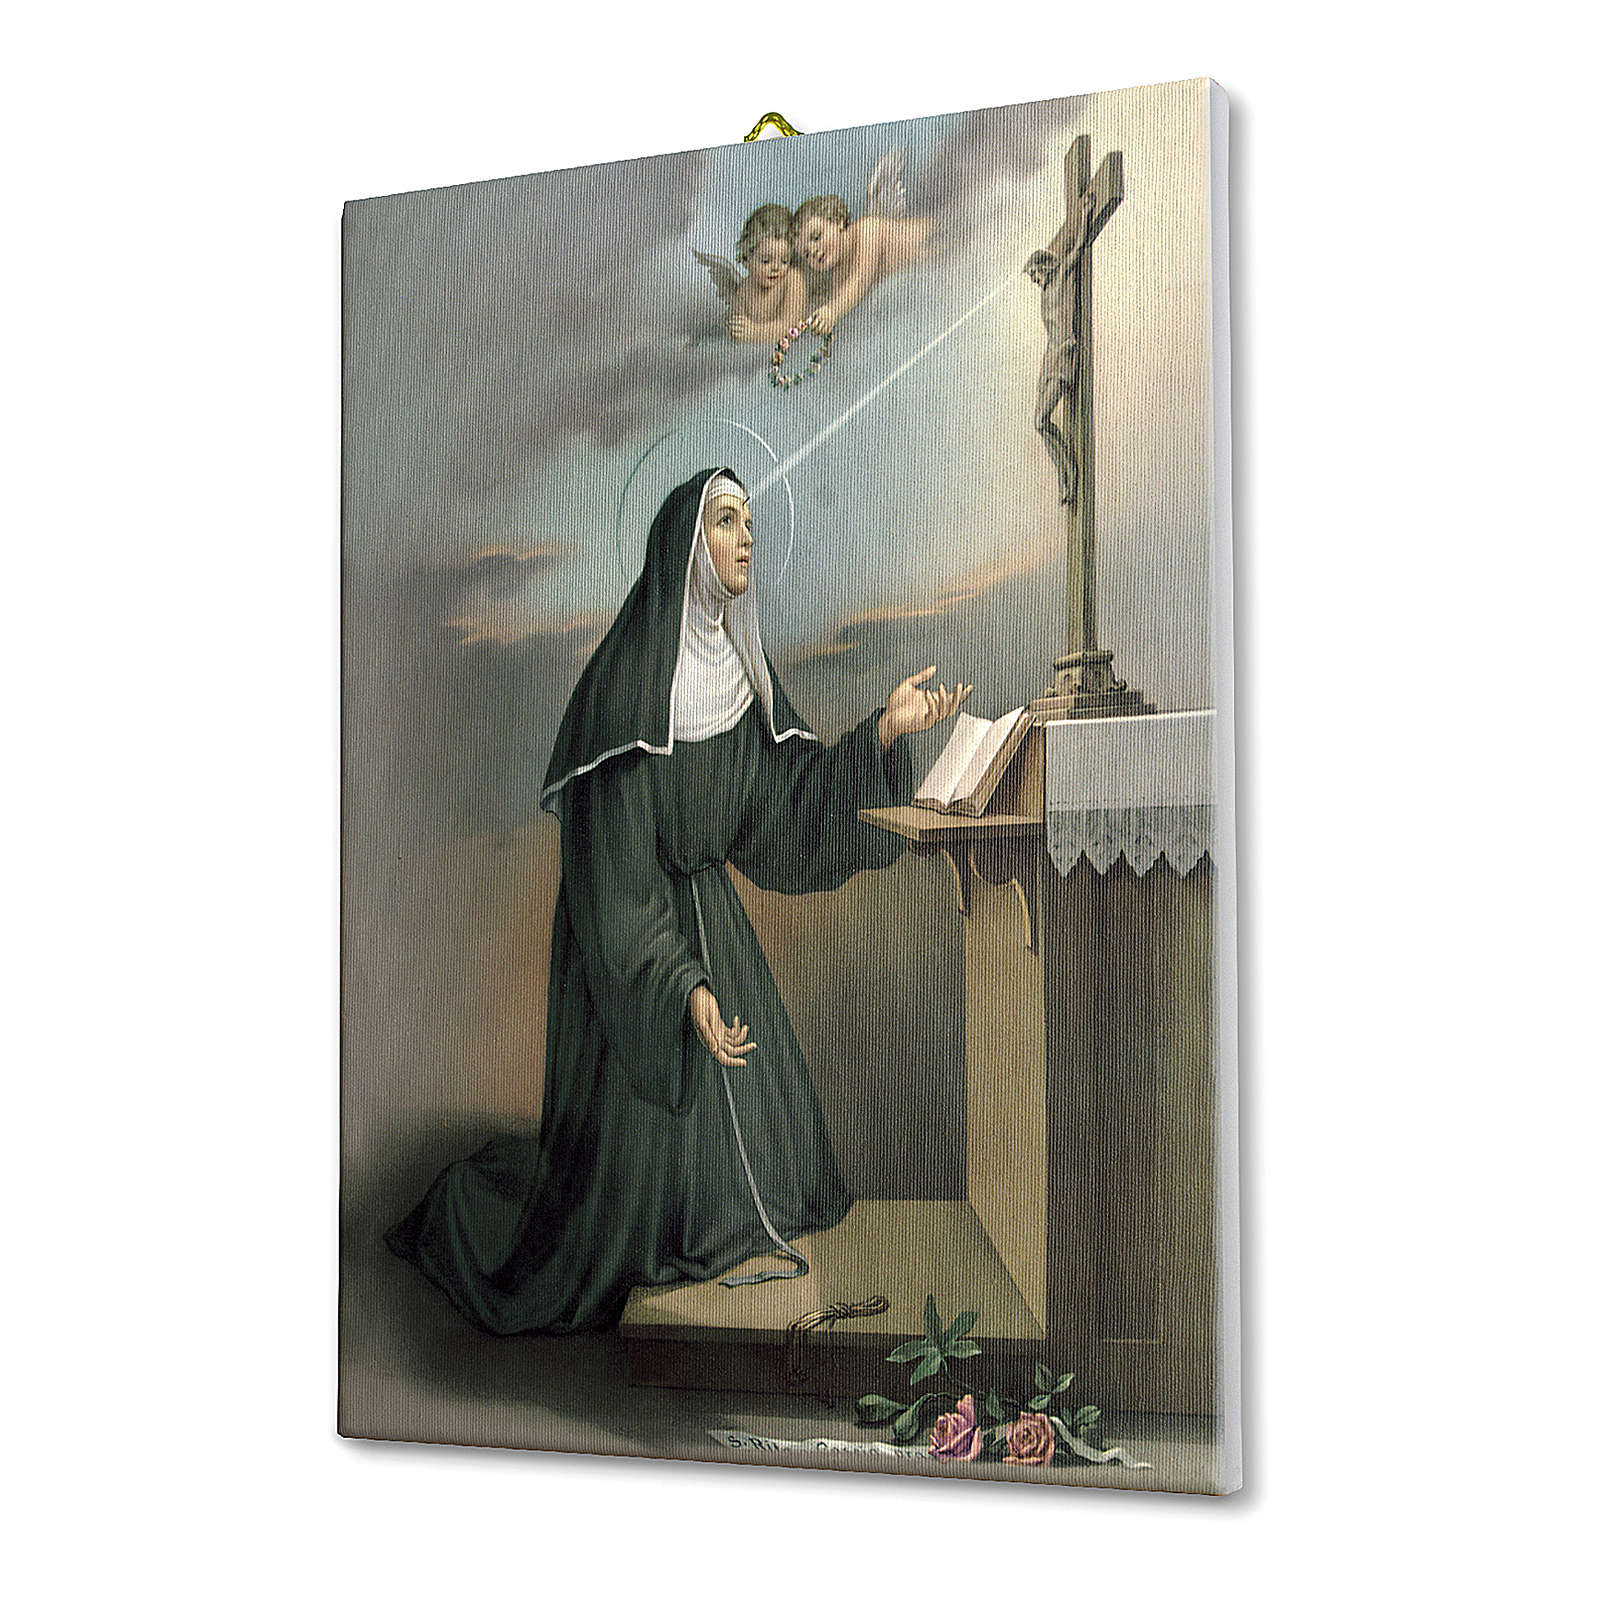 Obraz na płótnie święta Rita z Cascia 25x20cm 3